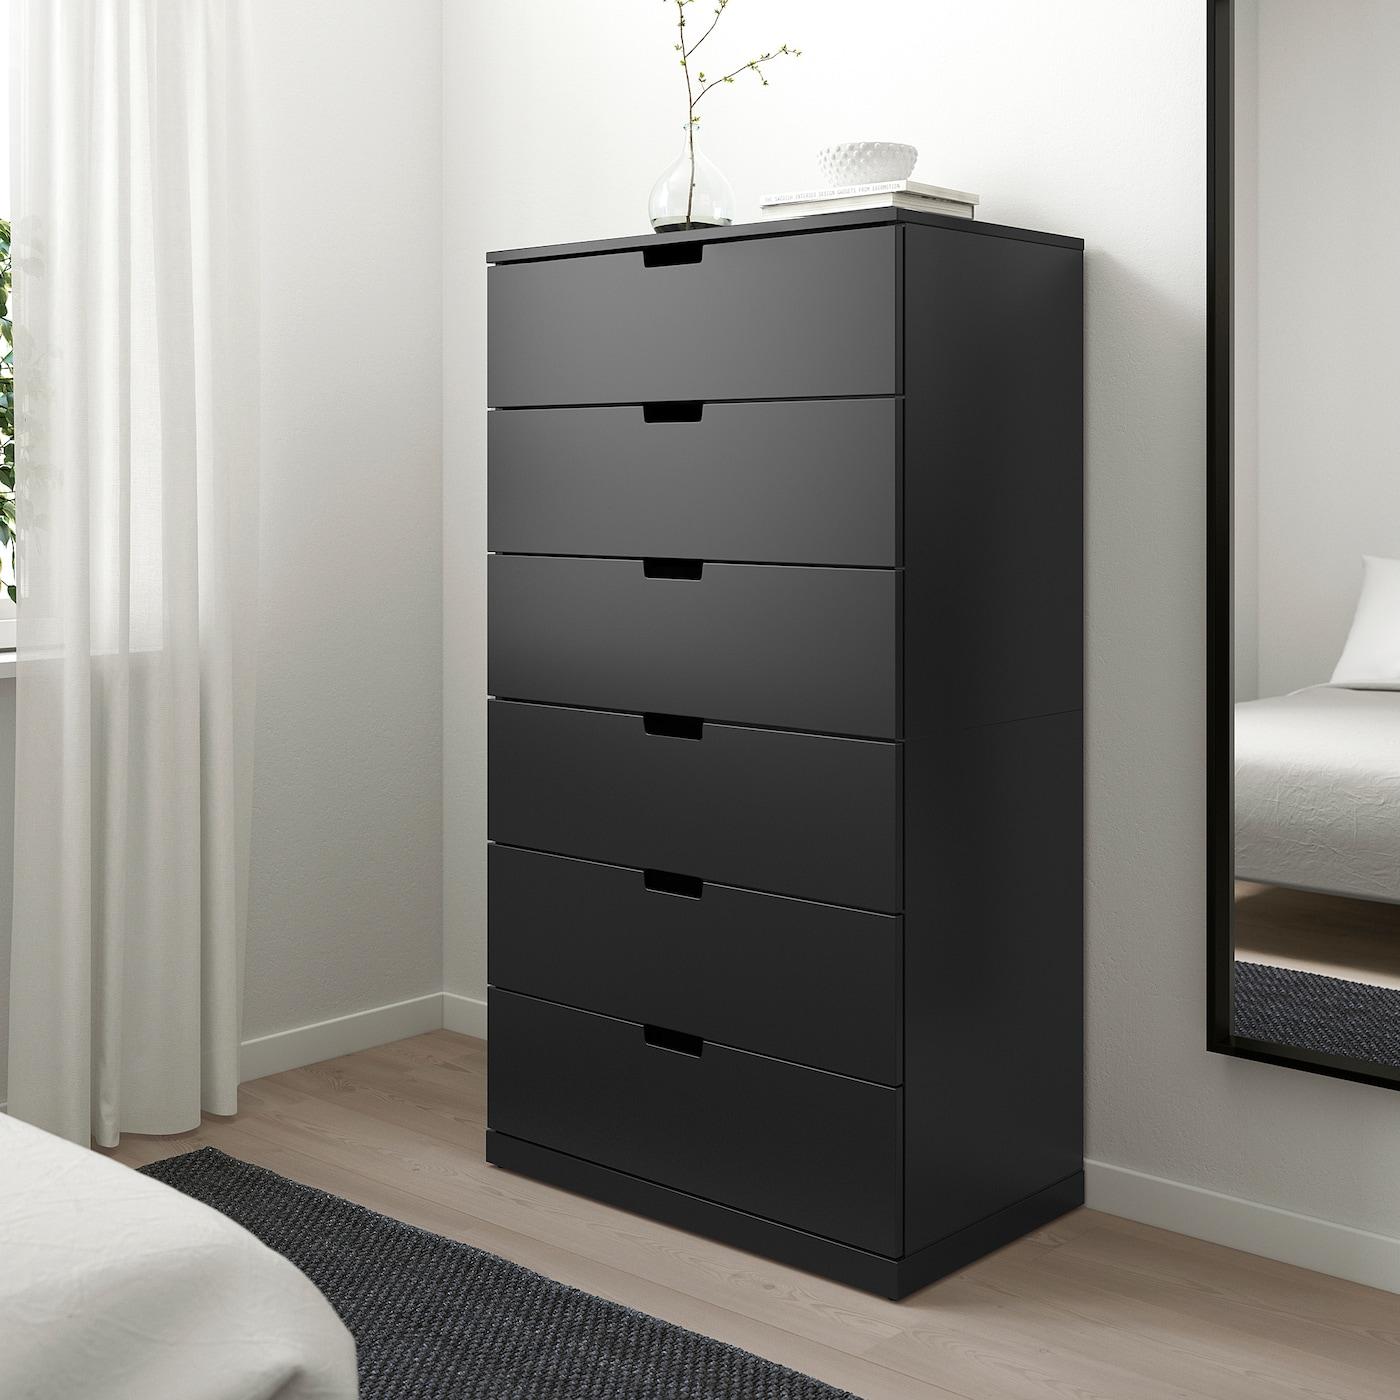 NORDLI 6-fiókos szekrény, antracit, 80x145 cm